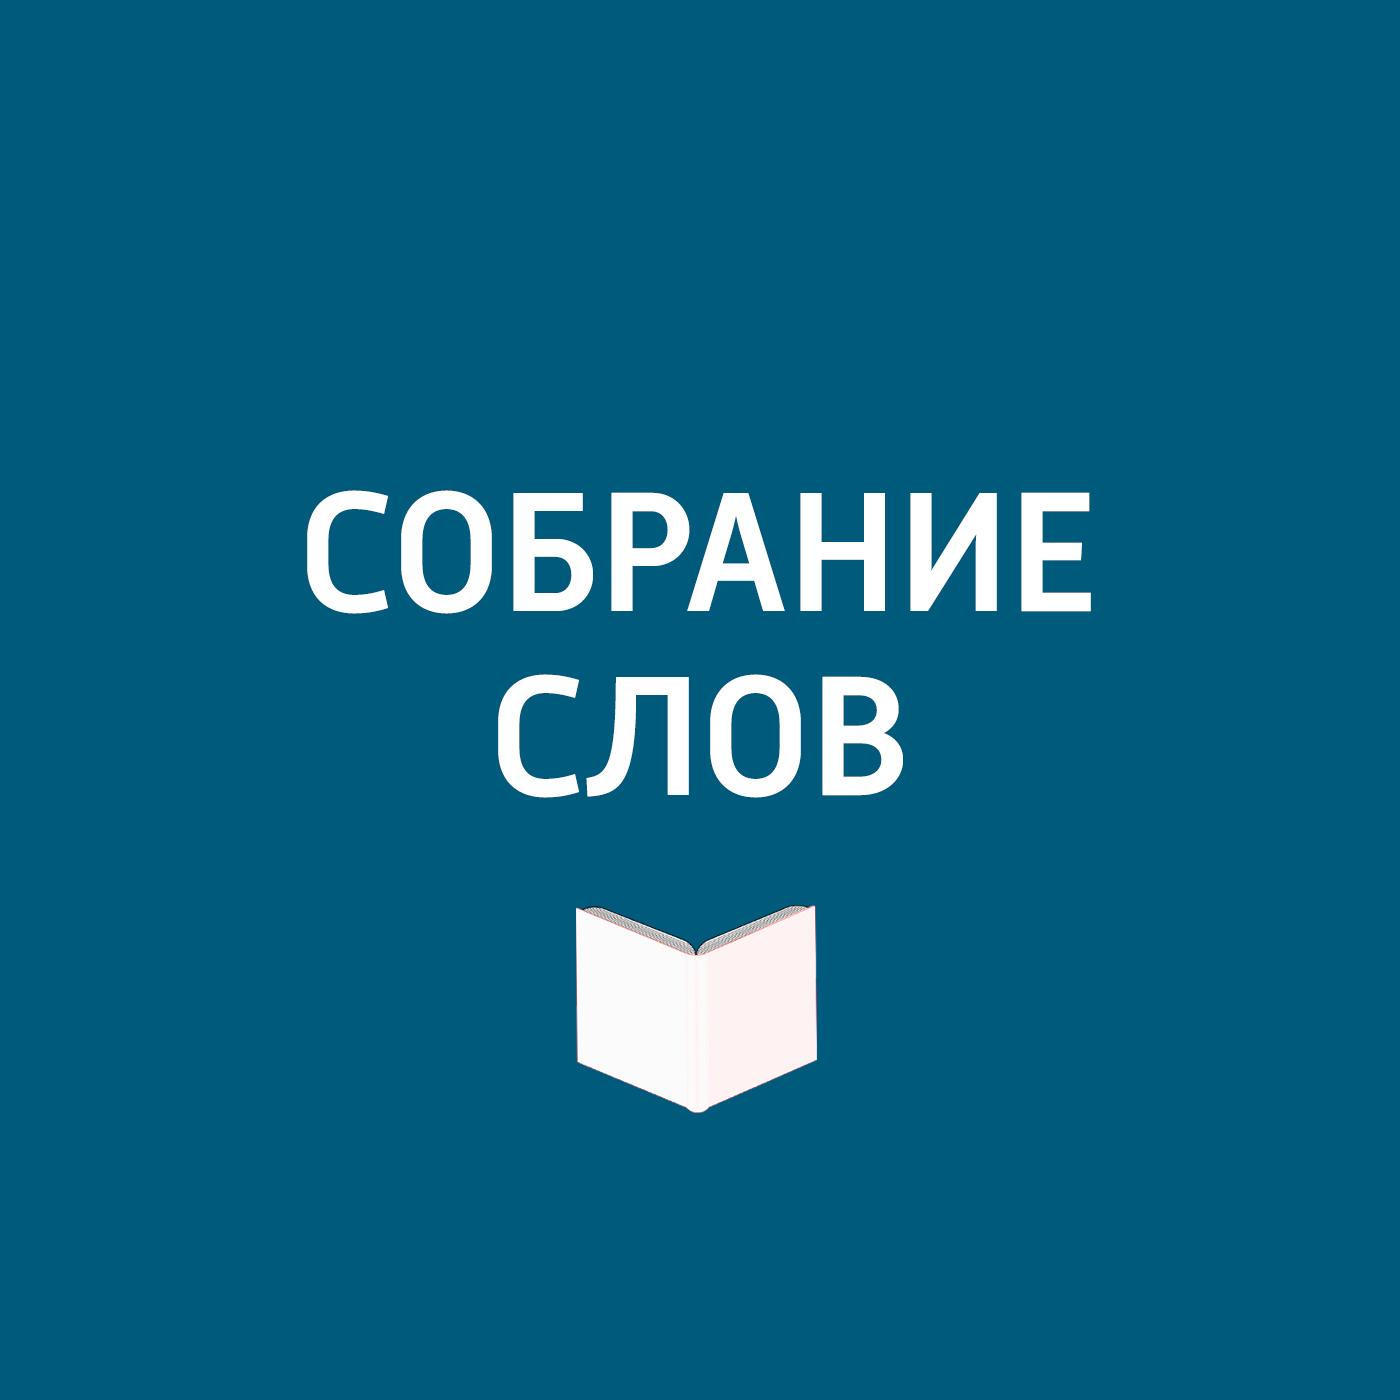 Творческий коллектив программы «Собрание слов» Триеннале российского современного искусства